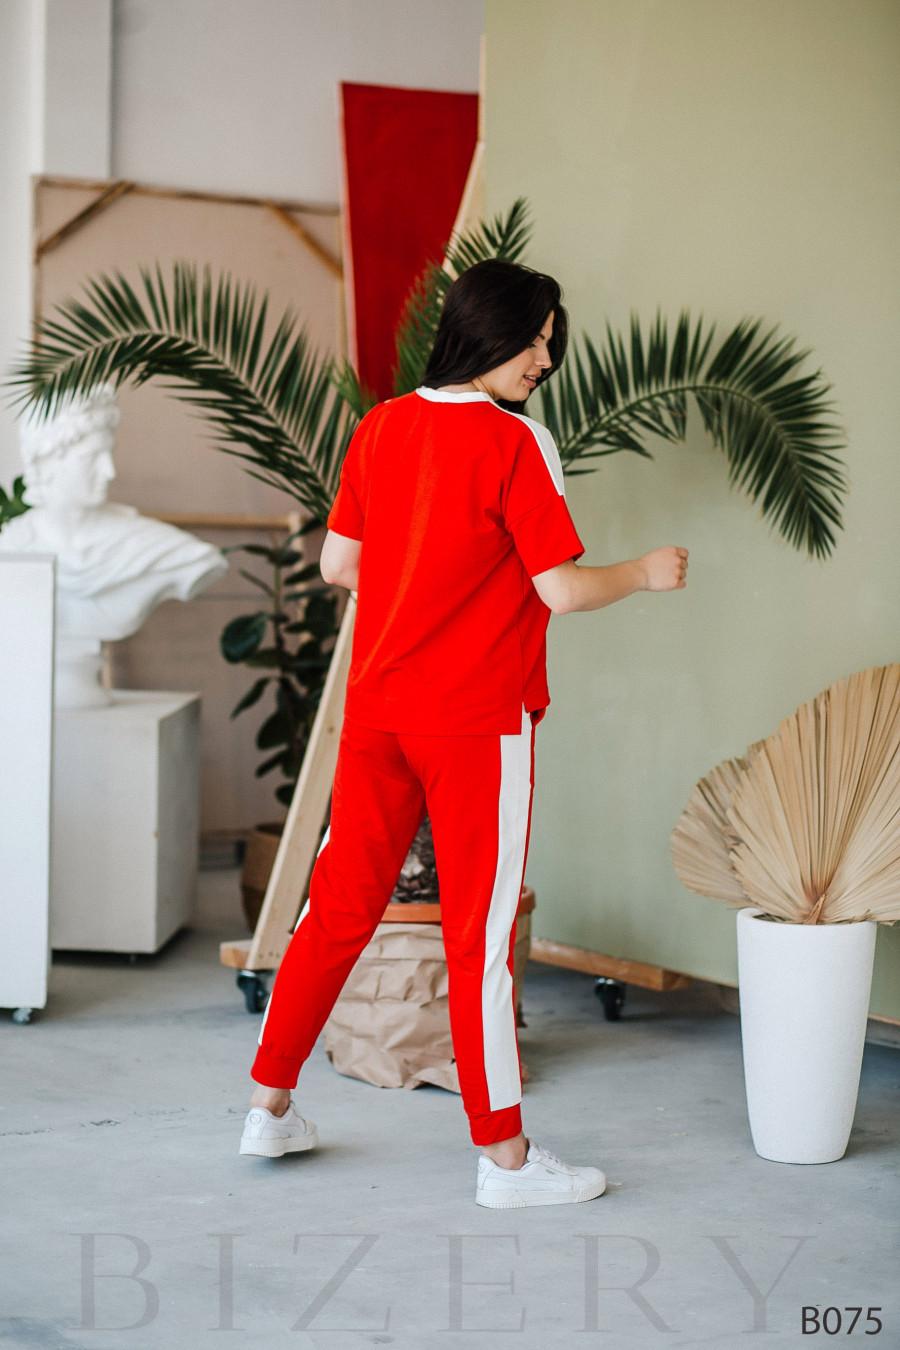 Стильный костюм спорт-шик с коротким рукавом красного цвета